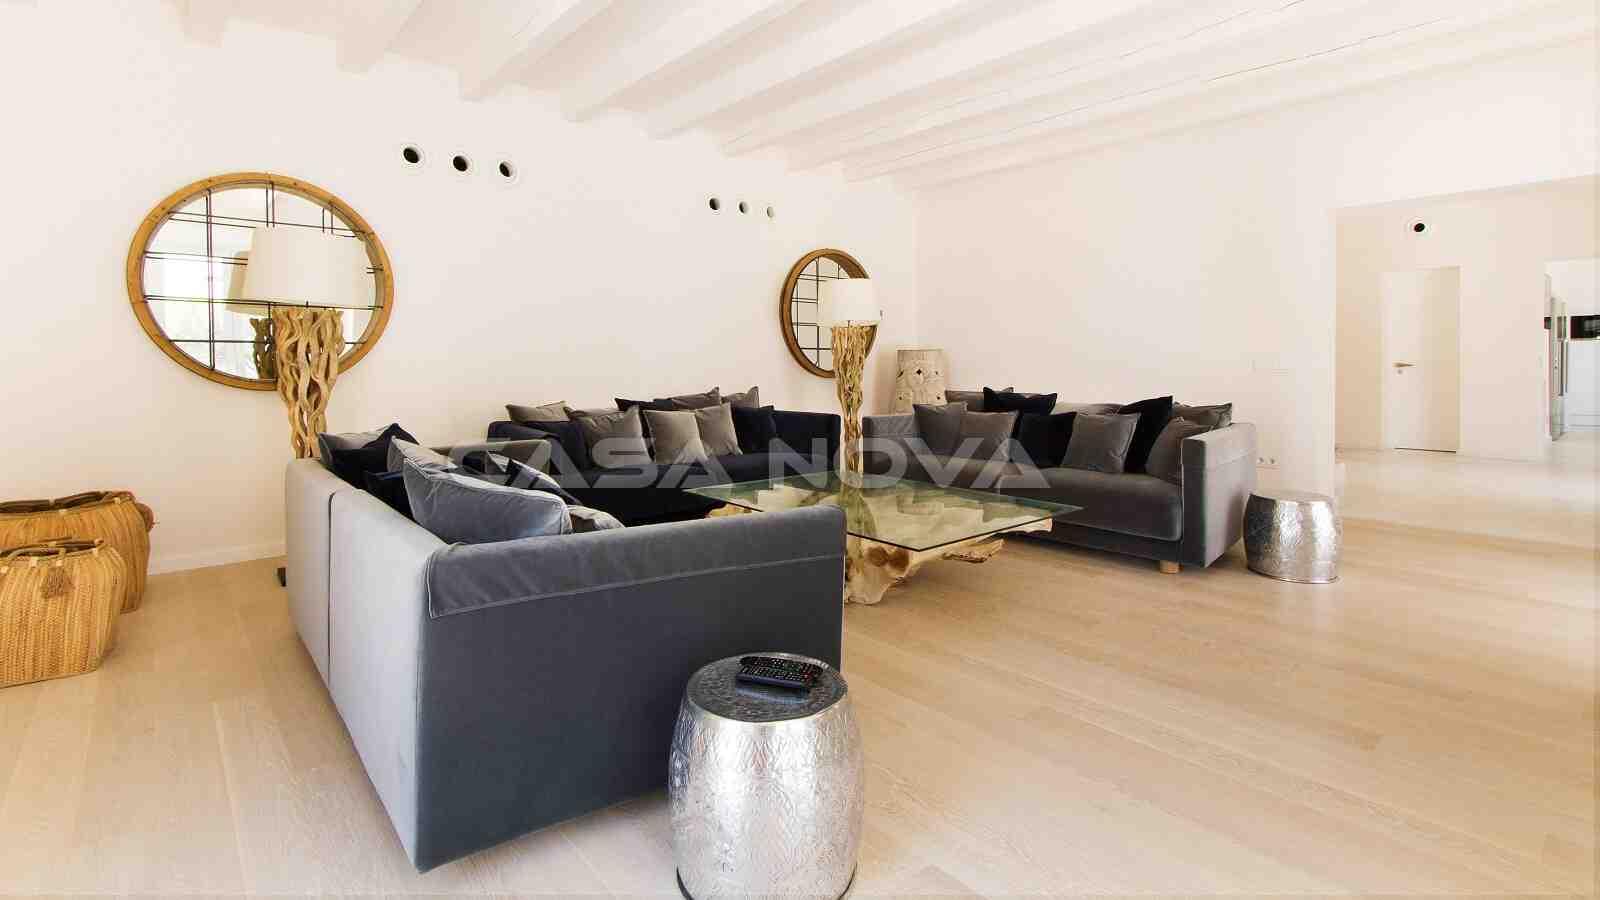 Großzügiges Wohnzimmer mit Sofalounge- Bereich